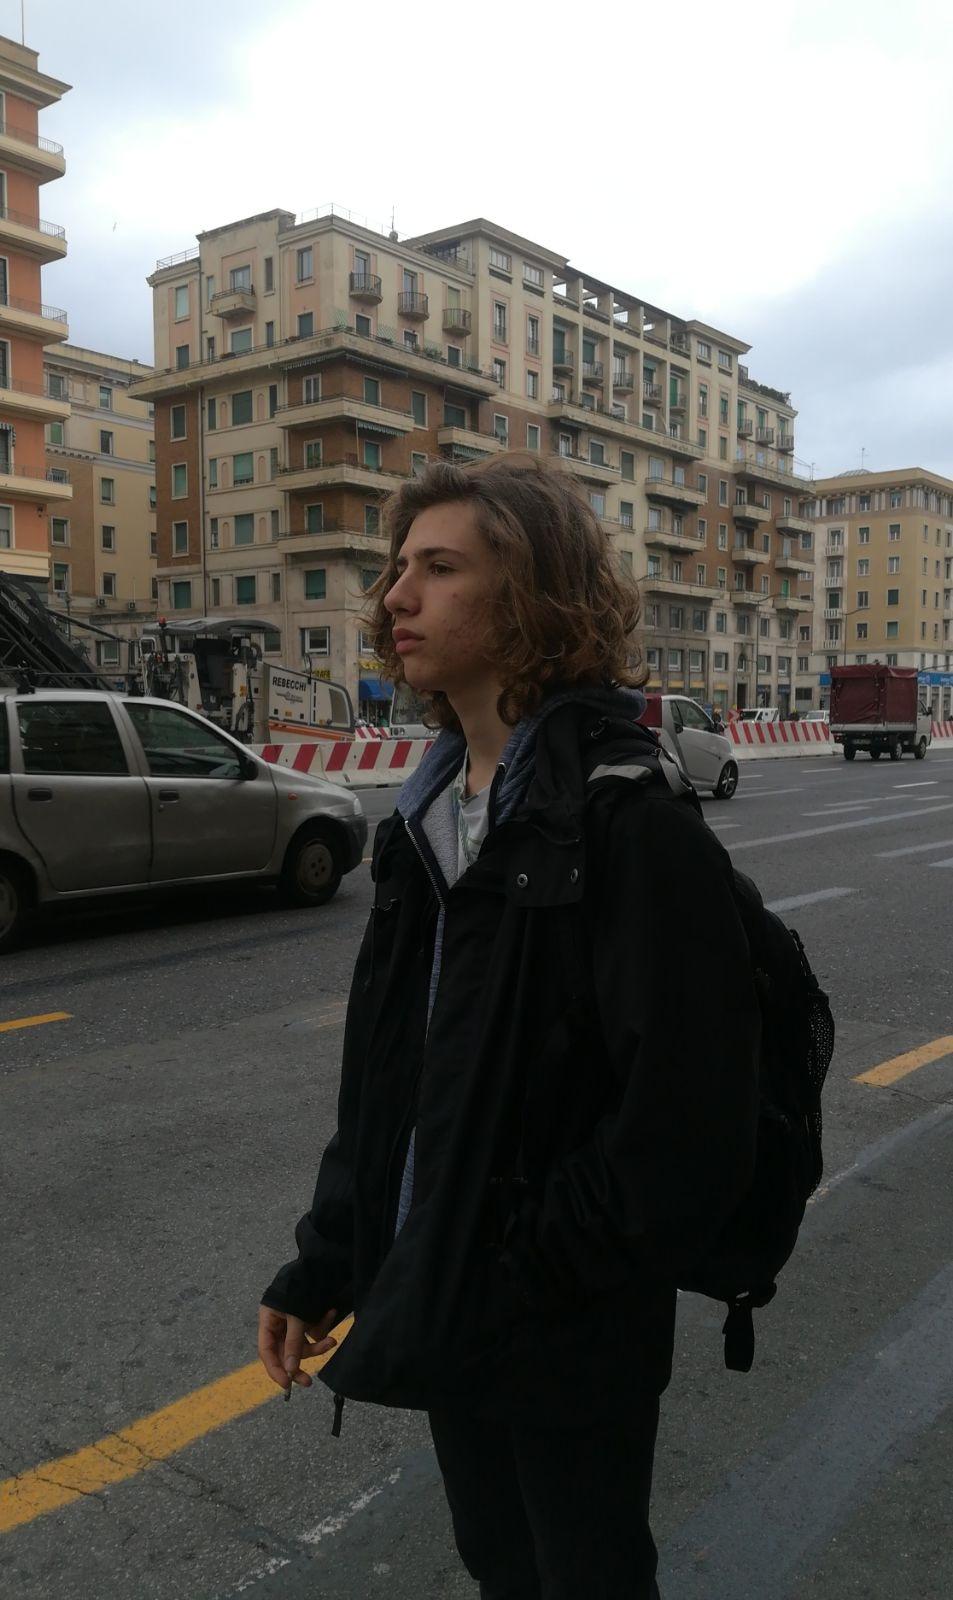 Sebastiano Piazzi